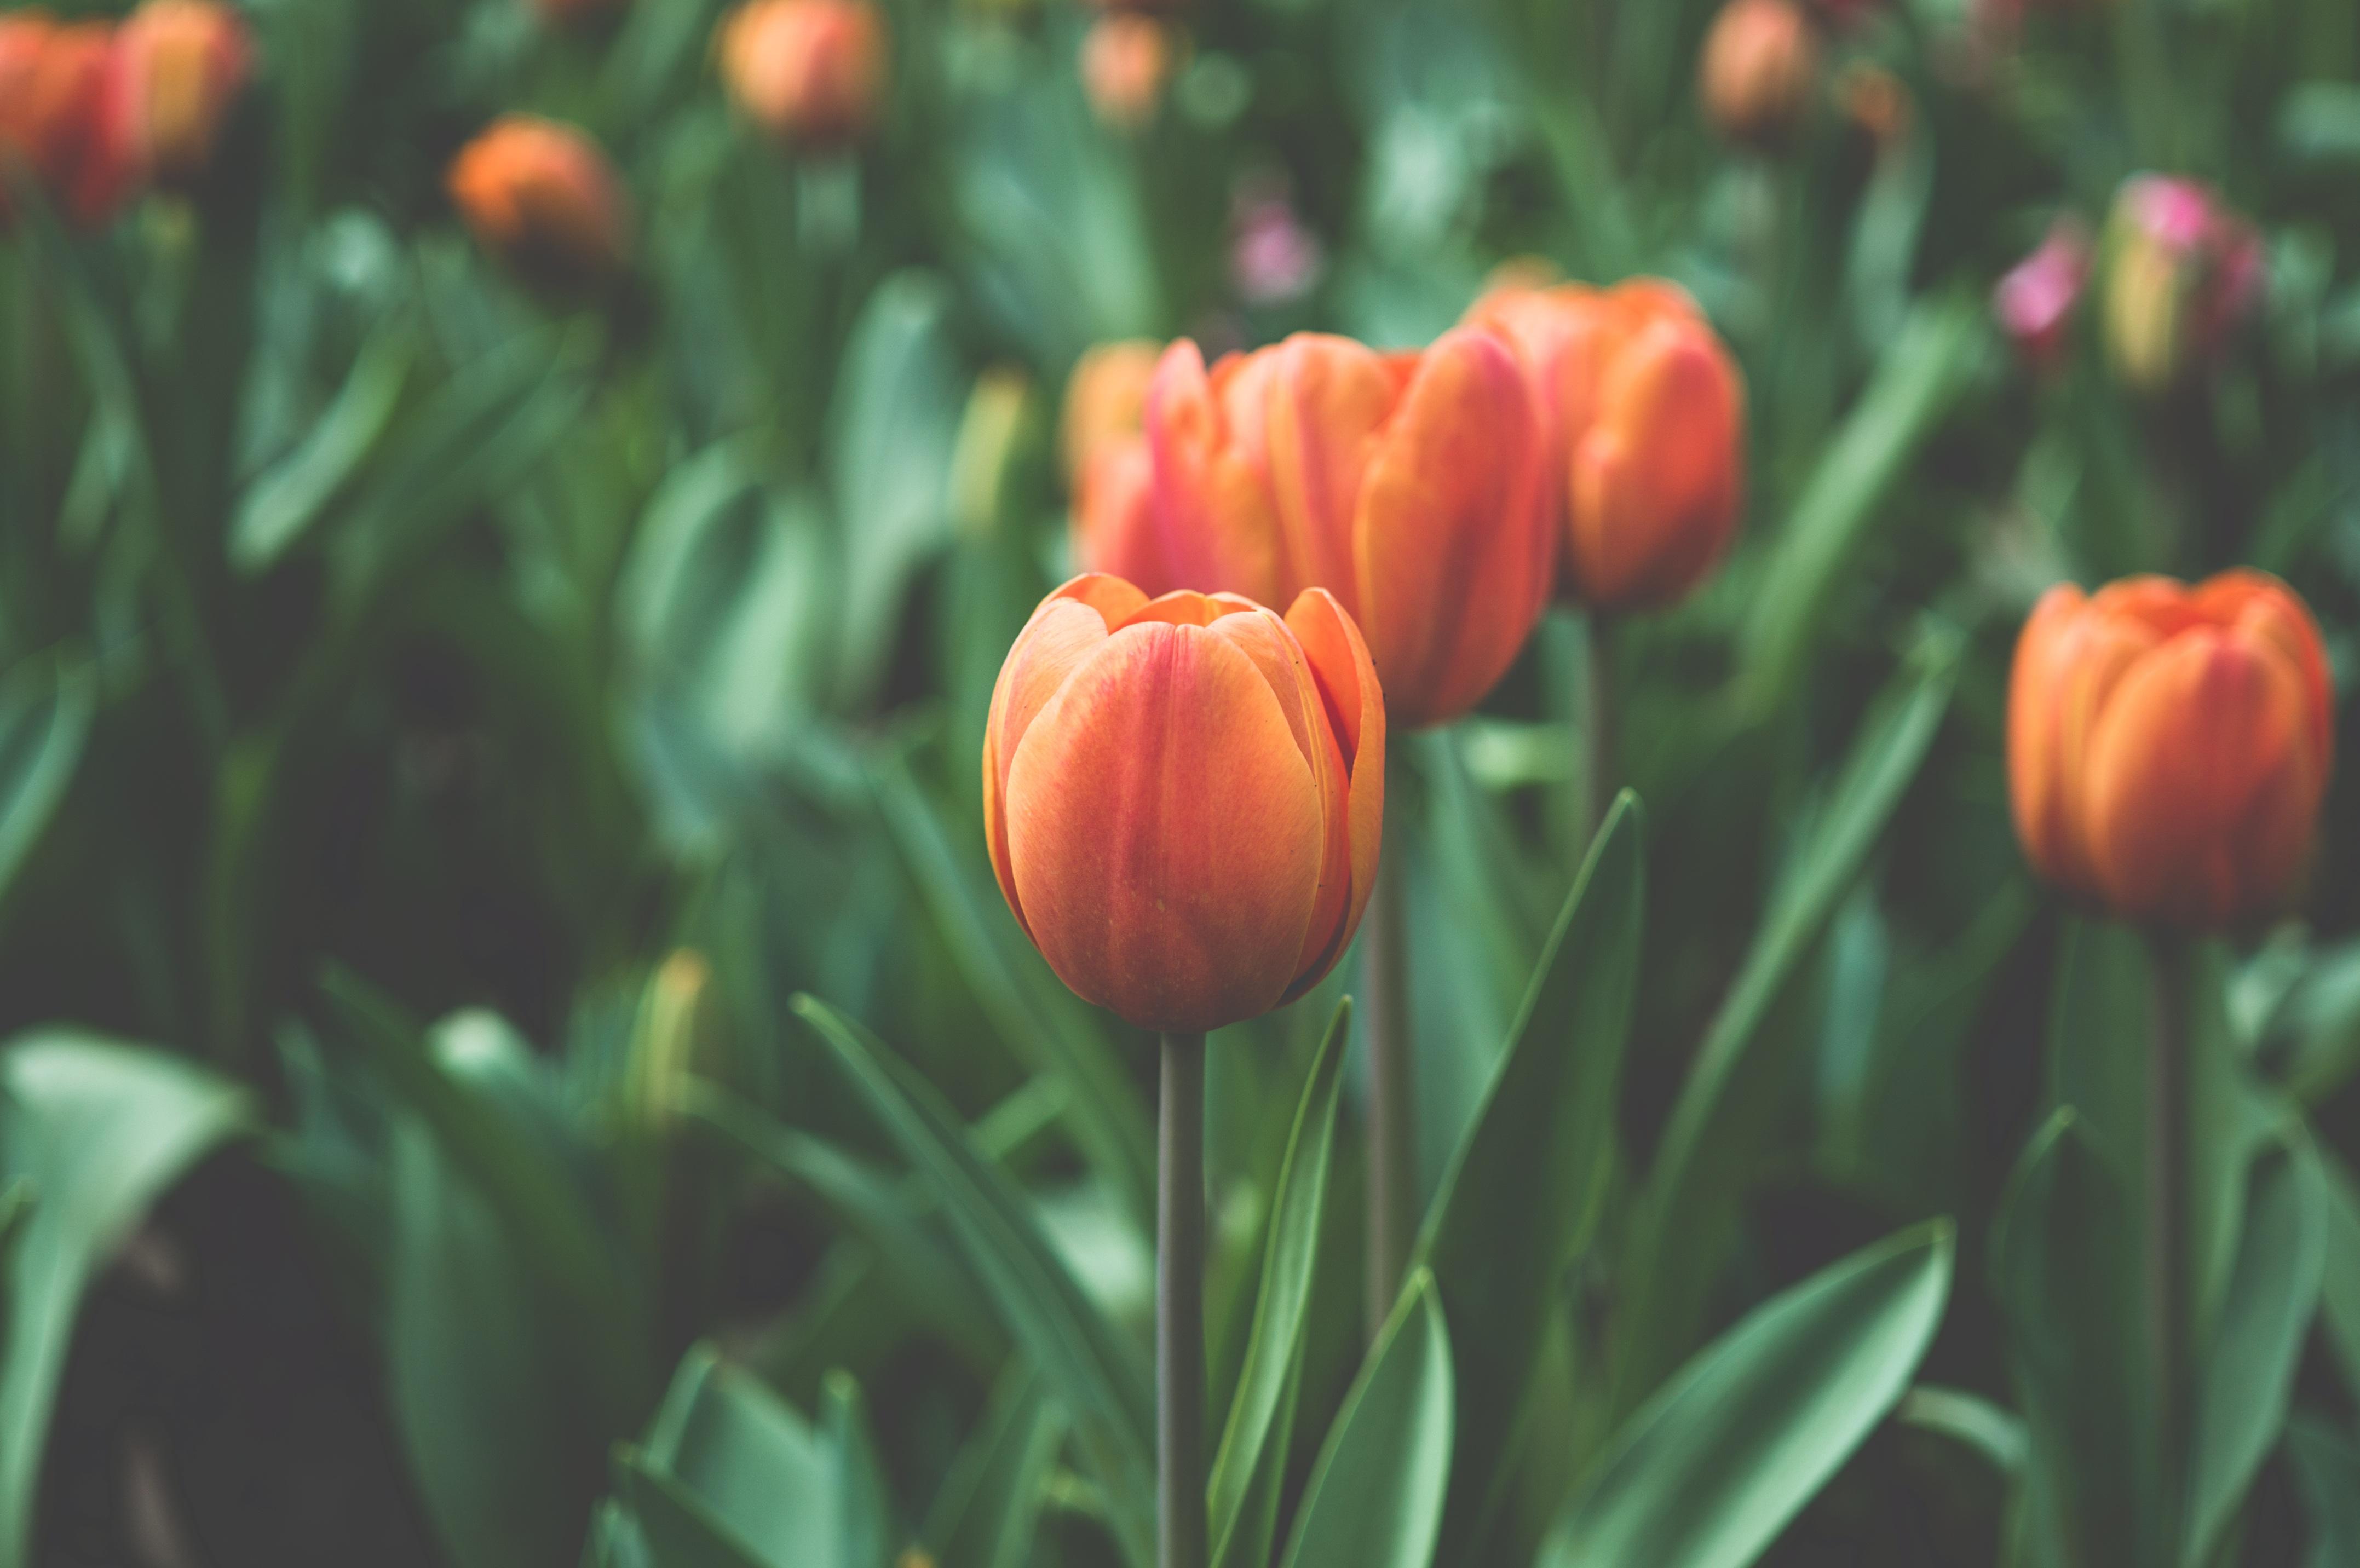 free images : flower, petal, bloom, tulip, spring, flora, flowering